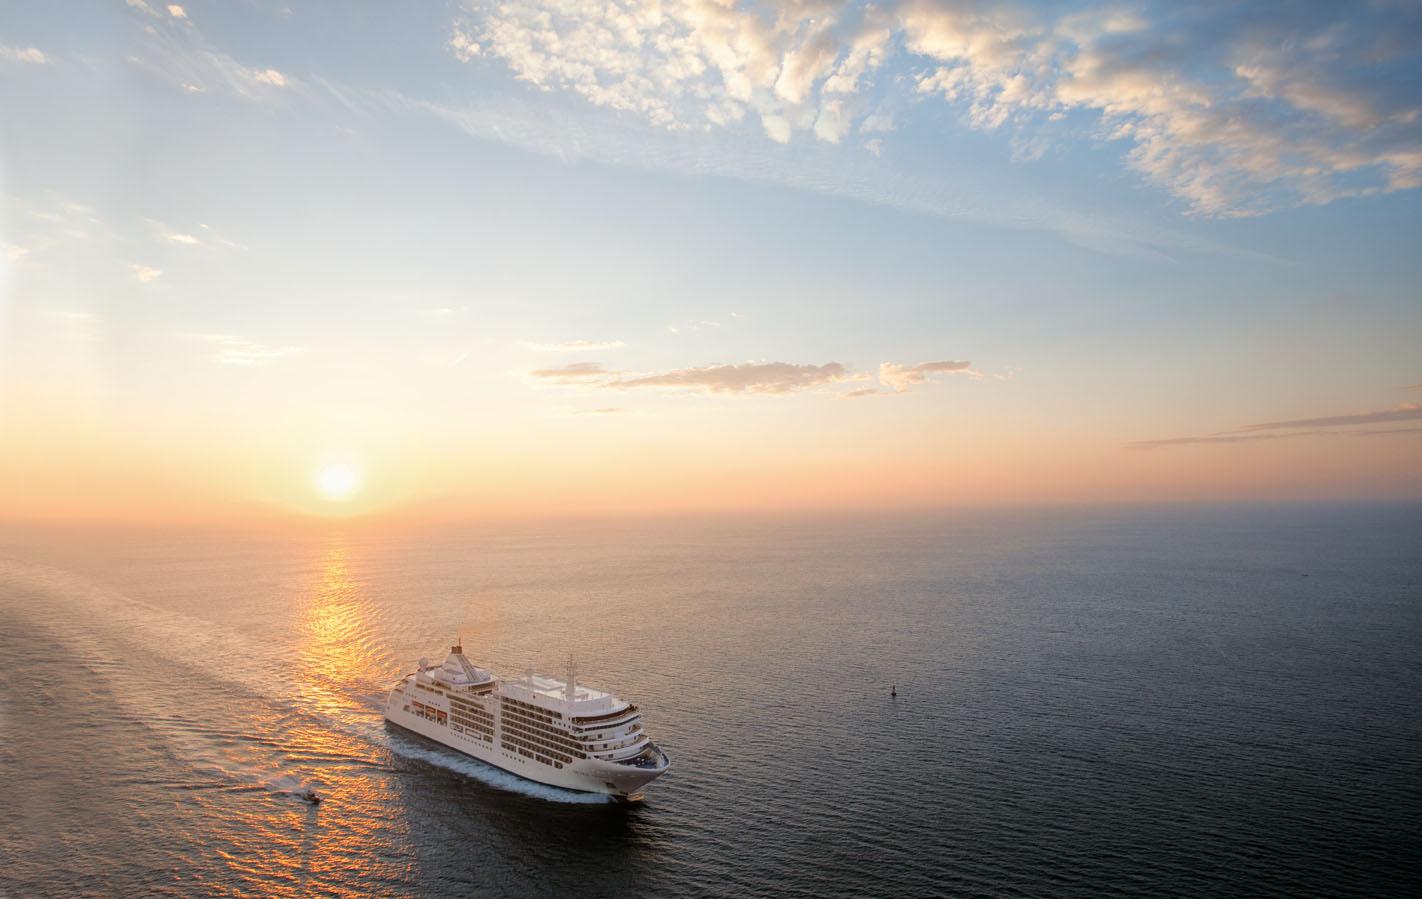 シルバーシー・クルーズがなんと最大20%引きで乗船のチャンスです!